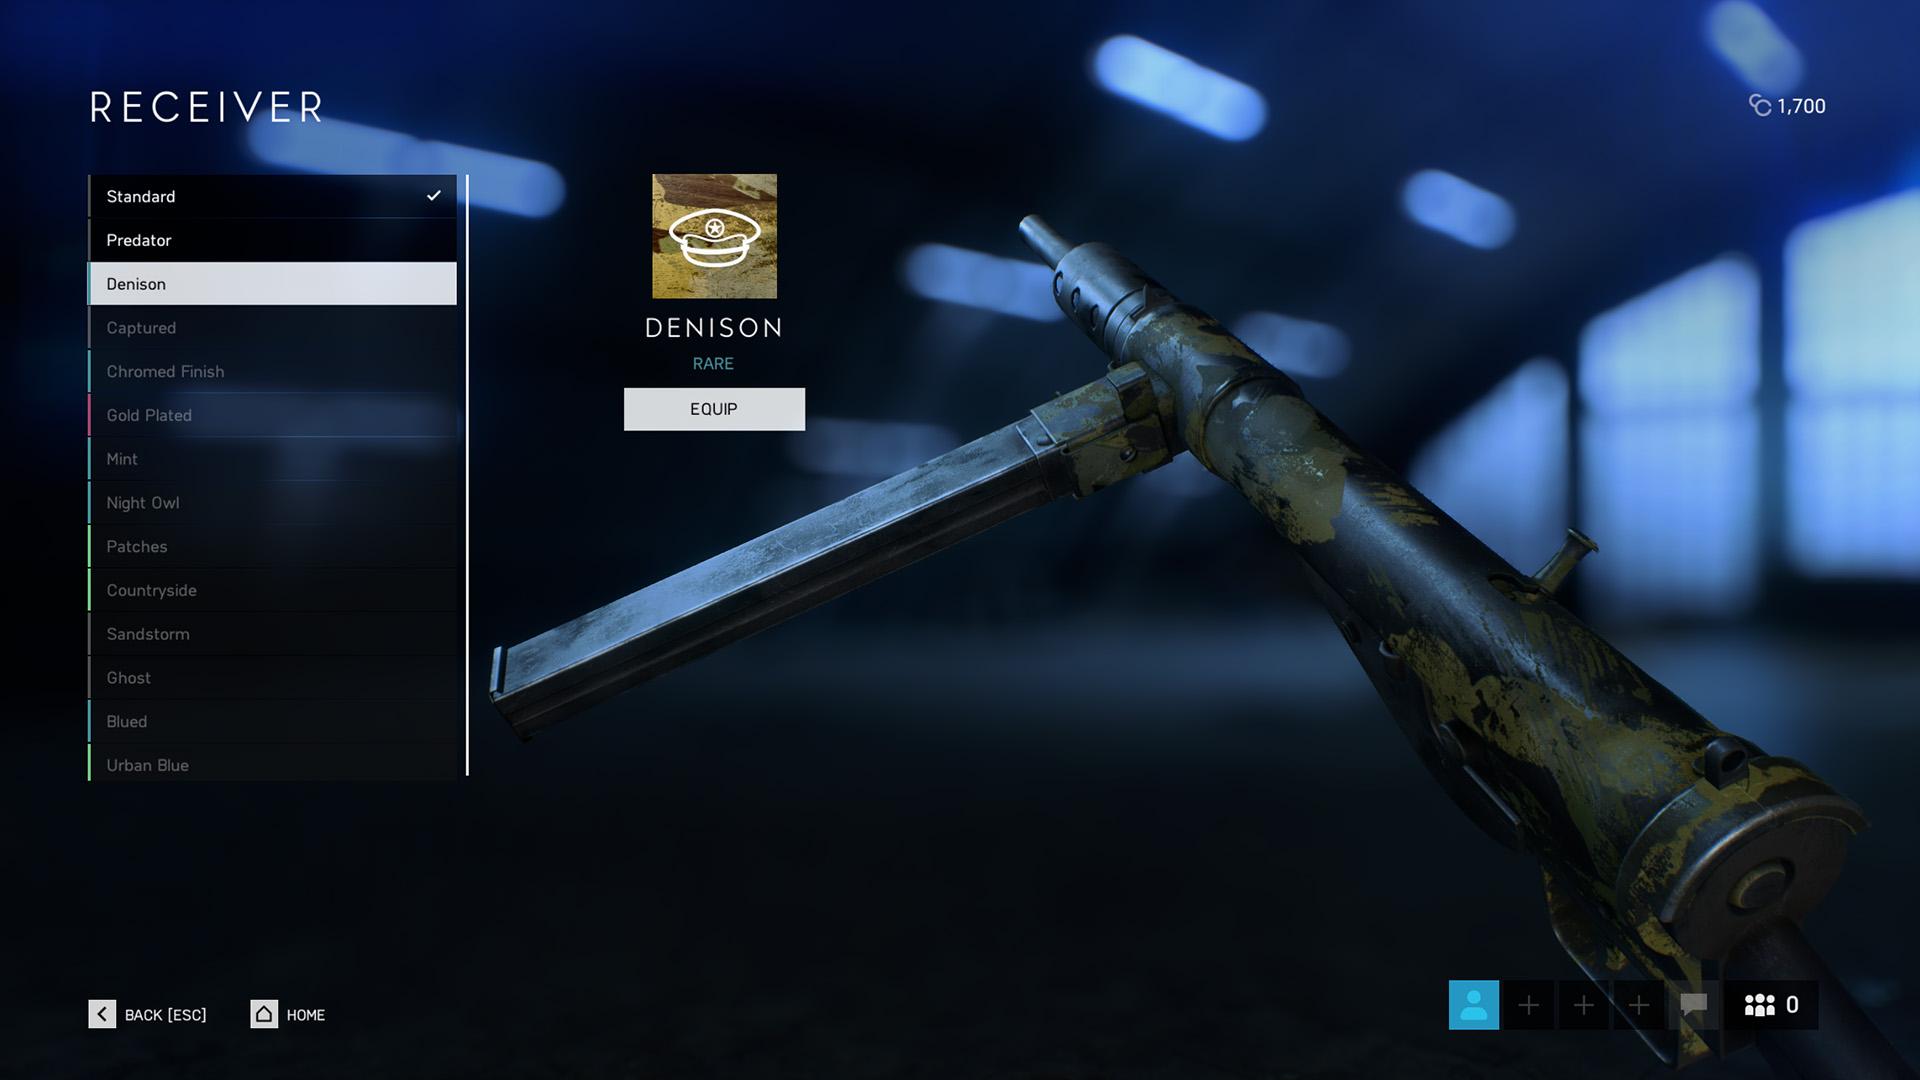 Battlefield V Screenshot 2018_0024_Battlefield V Screenshot 2018.11.11 - 20.32.56.09.jpg